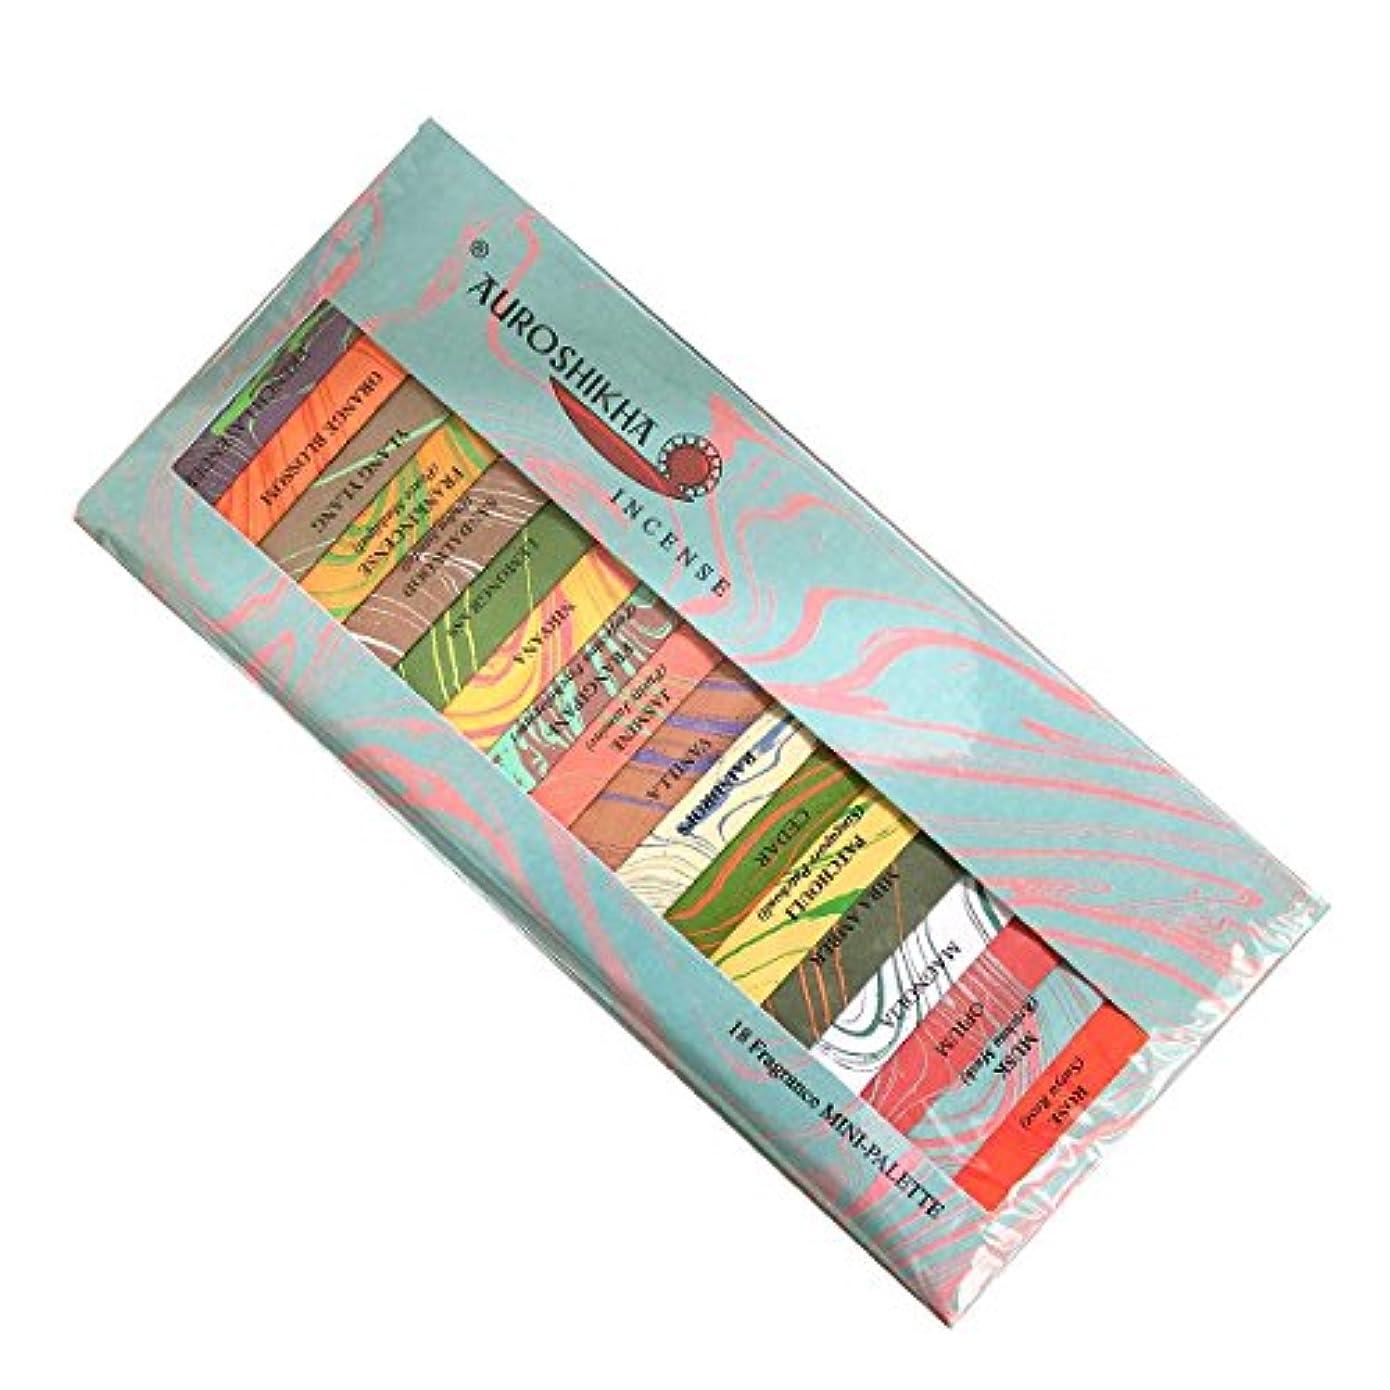 ブレイズ空洞チャールズキージングauroshikha (オウロシカ) マーブルパッケージ ミニパレット18種類の香りアソート スティック !